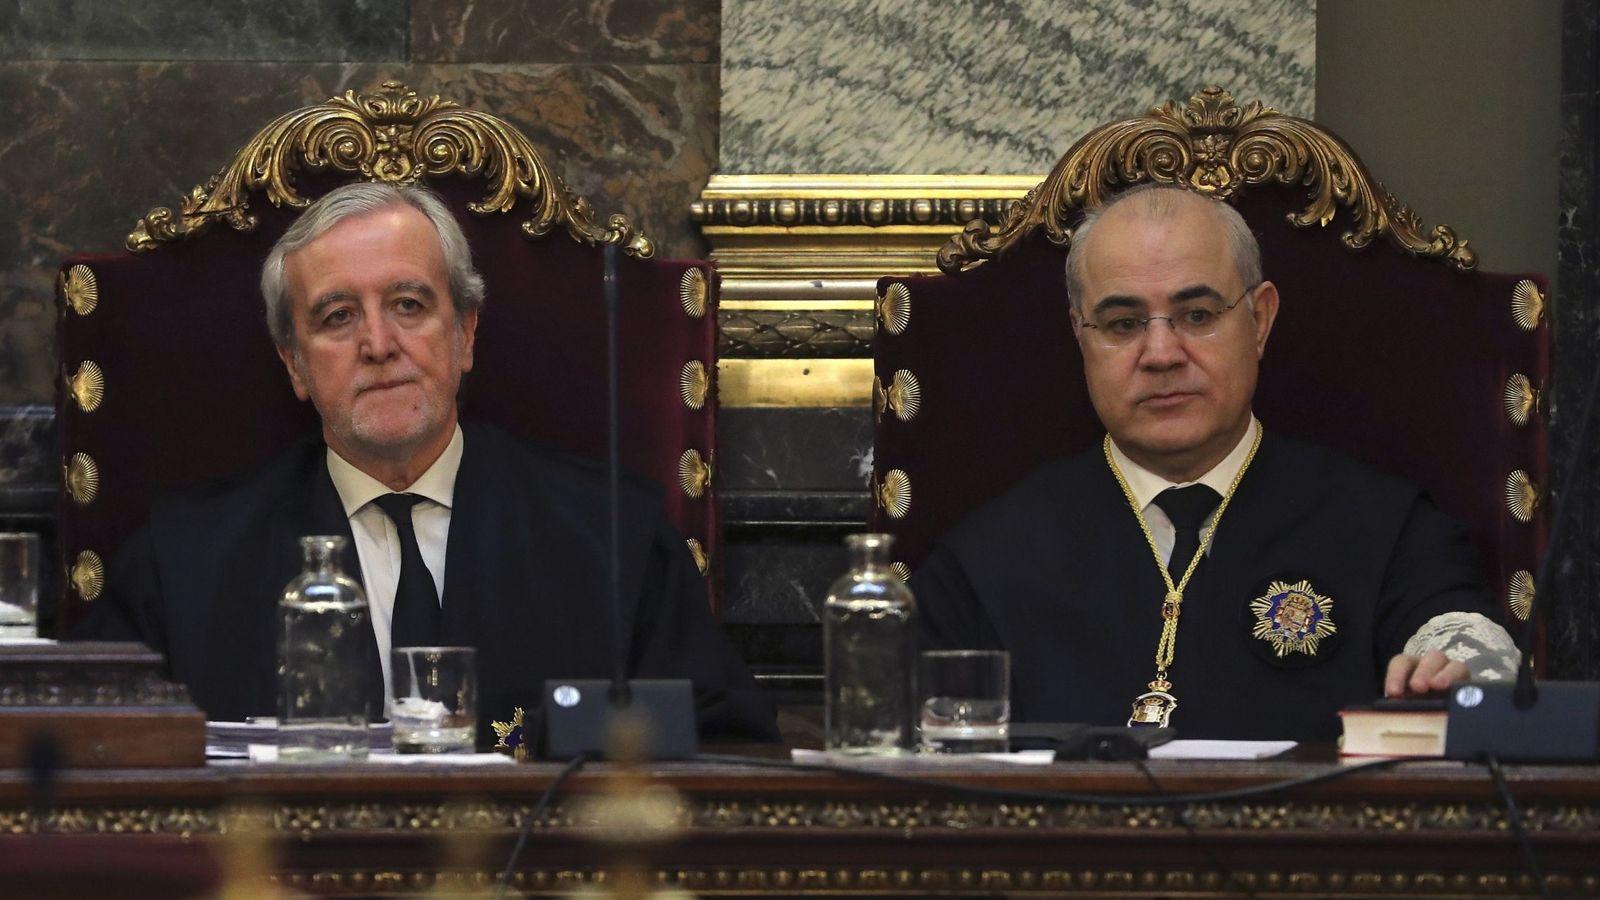 Foto: De izquierda a derecha los magistrados del Tribunal Supremo, Jose Ramón Verdugo y Pablo Llarena. (EFE)